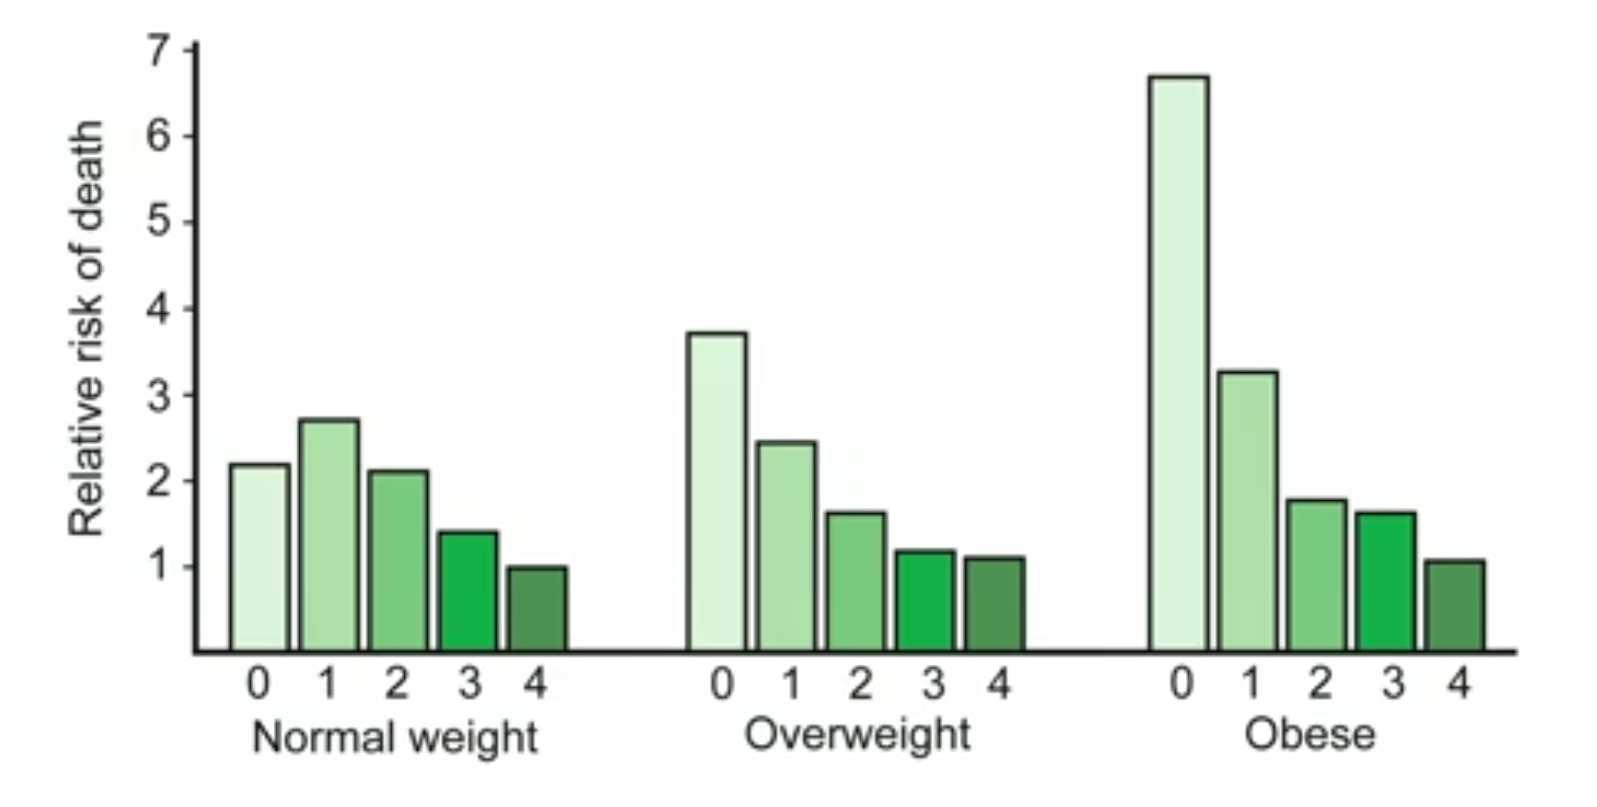 Rischio di morte, obesità, sovrappeso, abitudini salutari